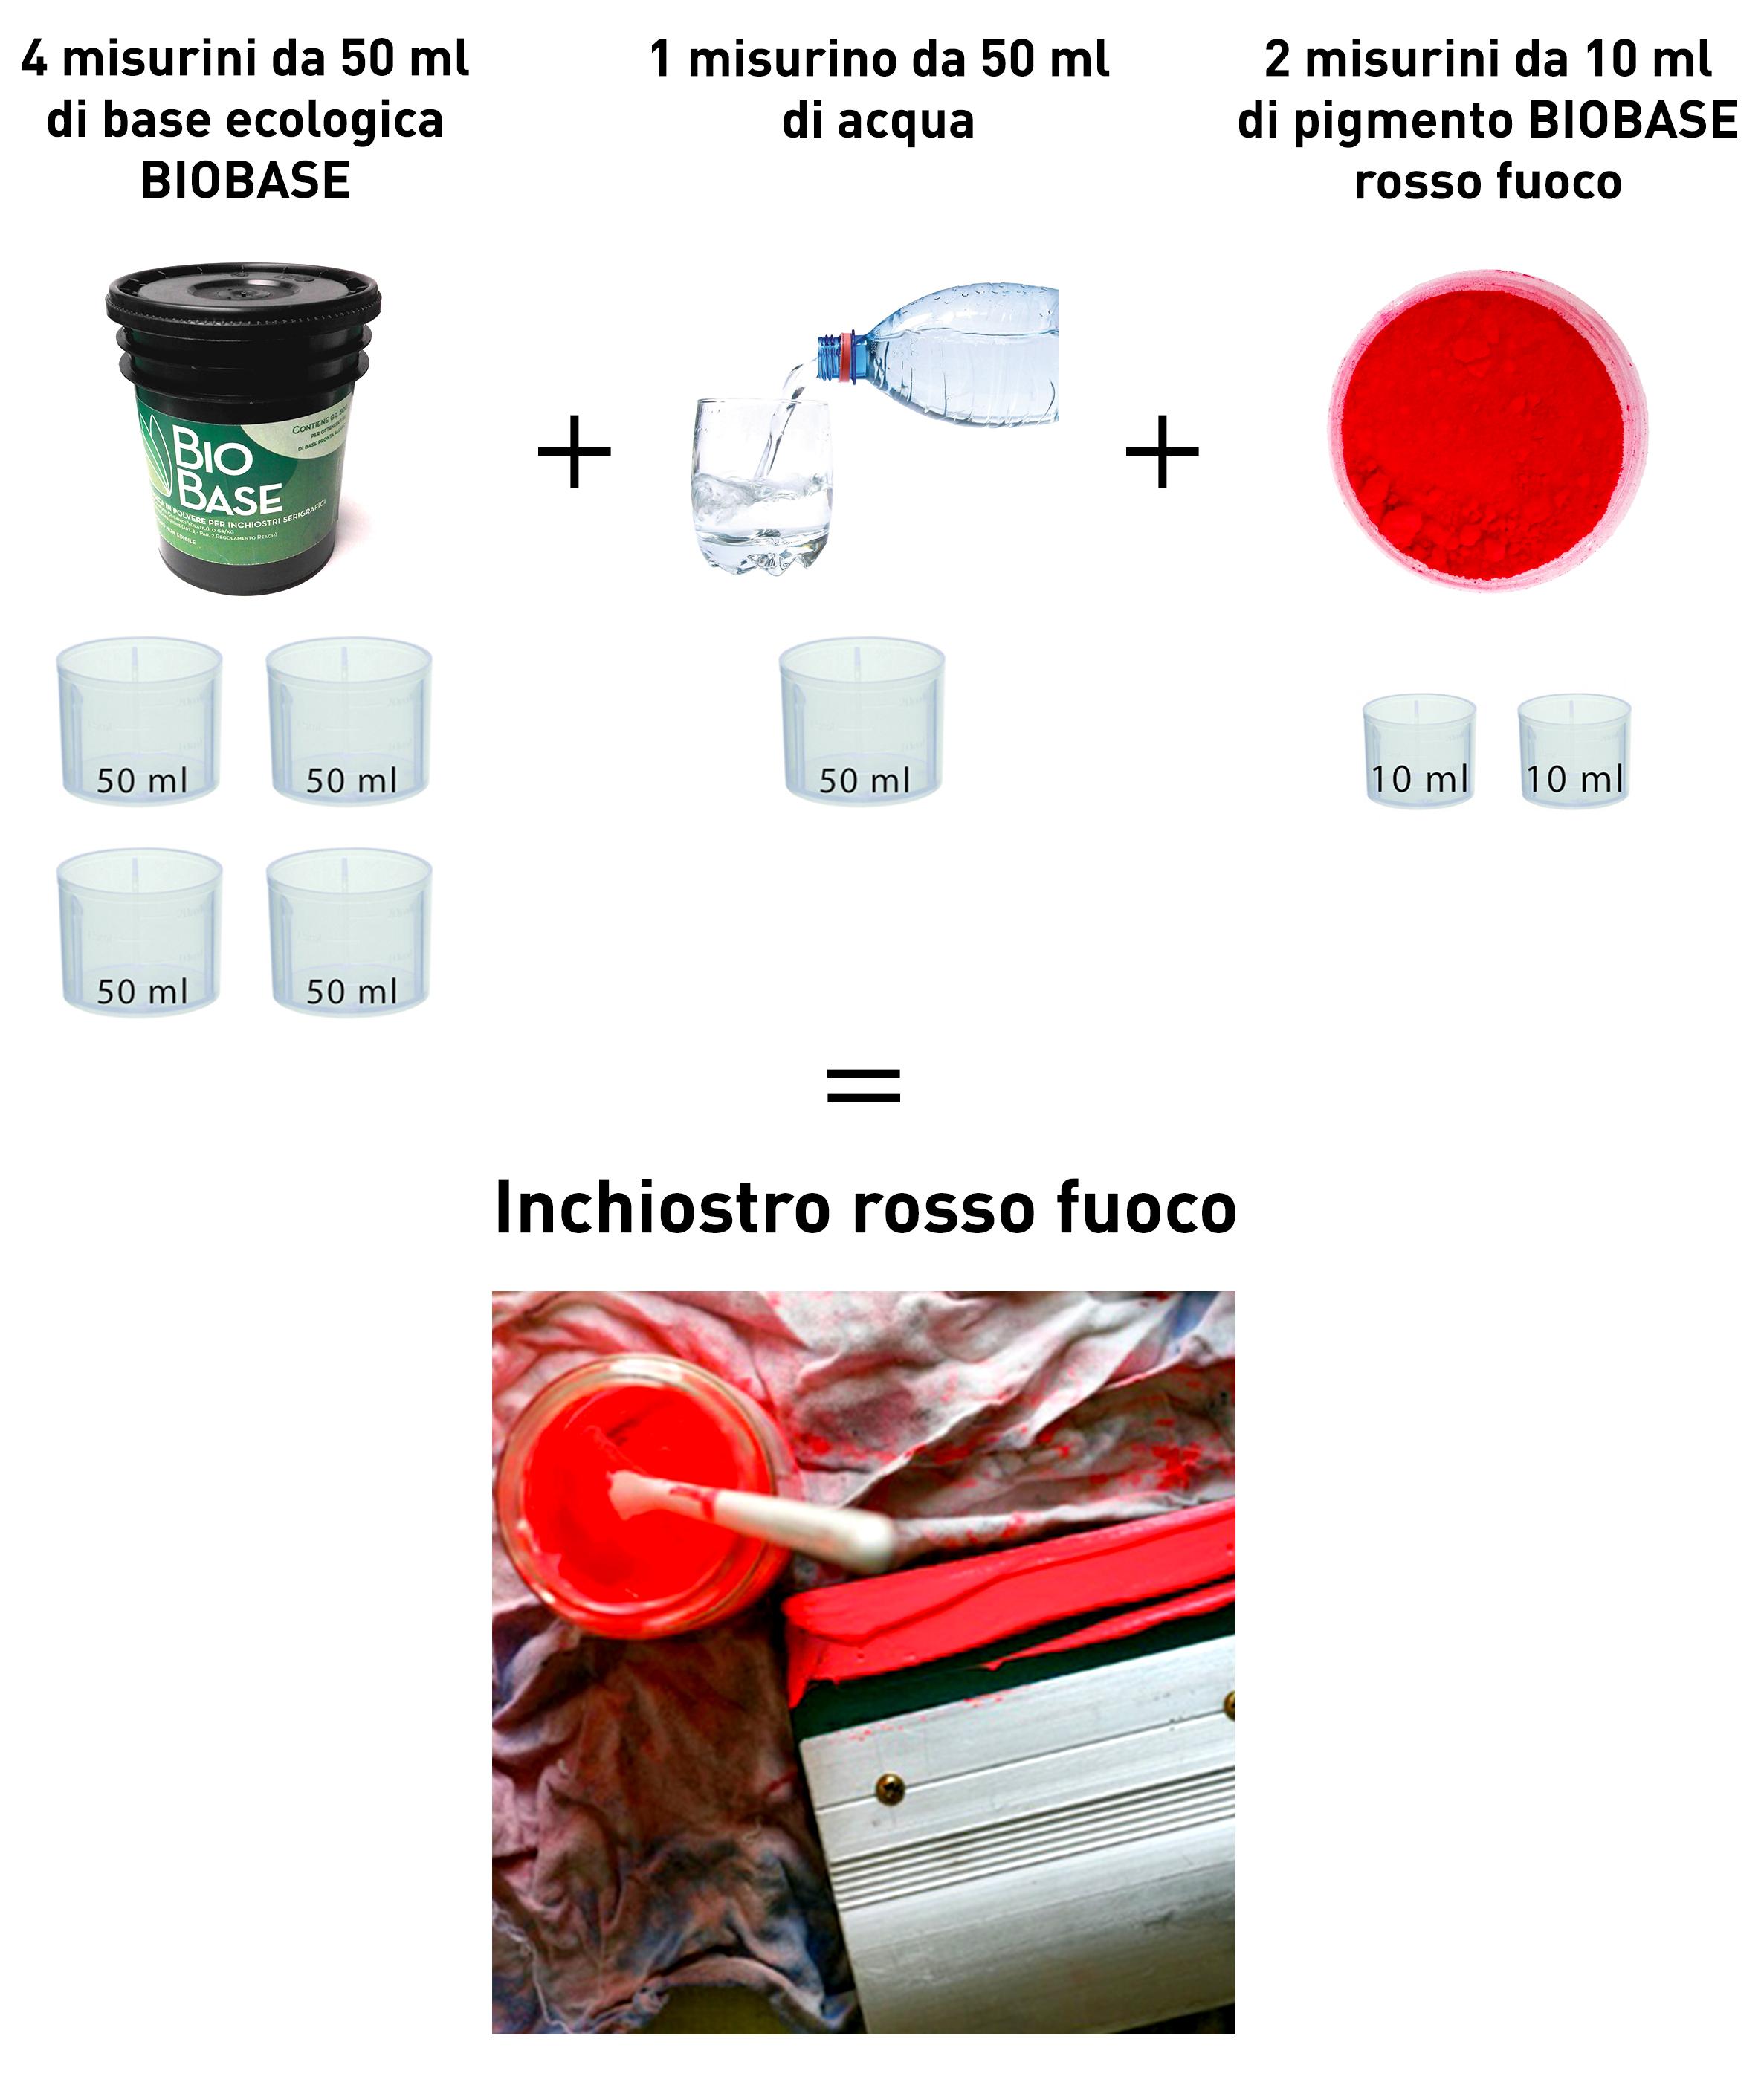 Collezione inchiostri BioBase